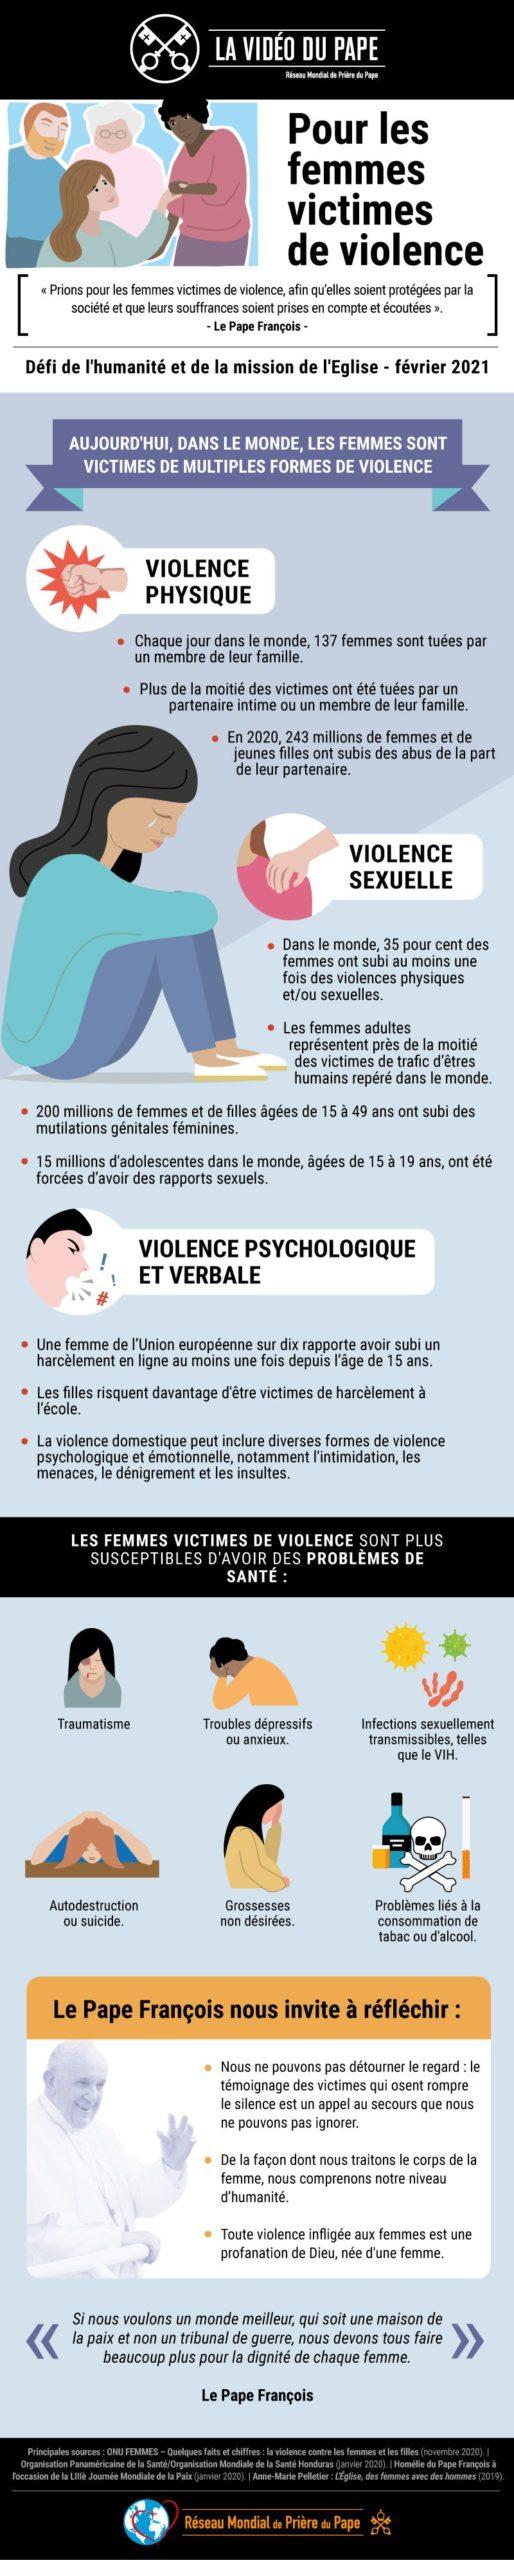 Infographie - TPV 2 2021 FR - La Video du Pape - Pour les femmes victimes de violence